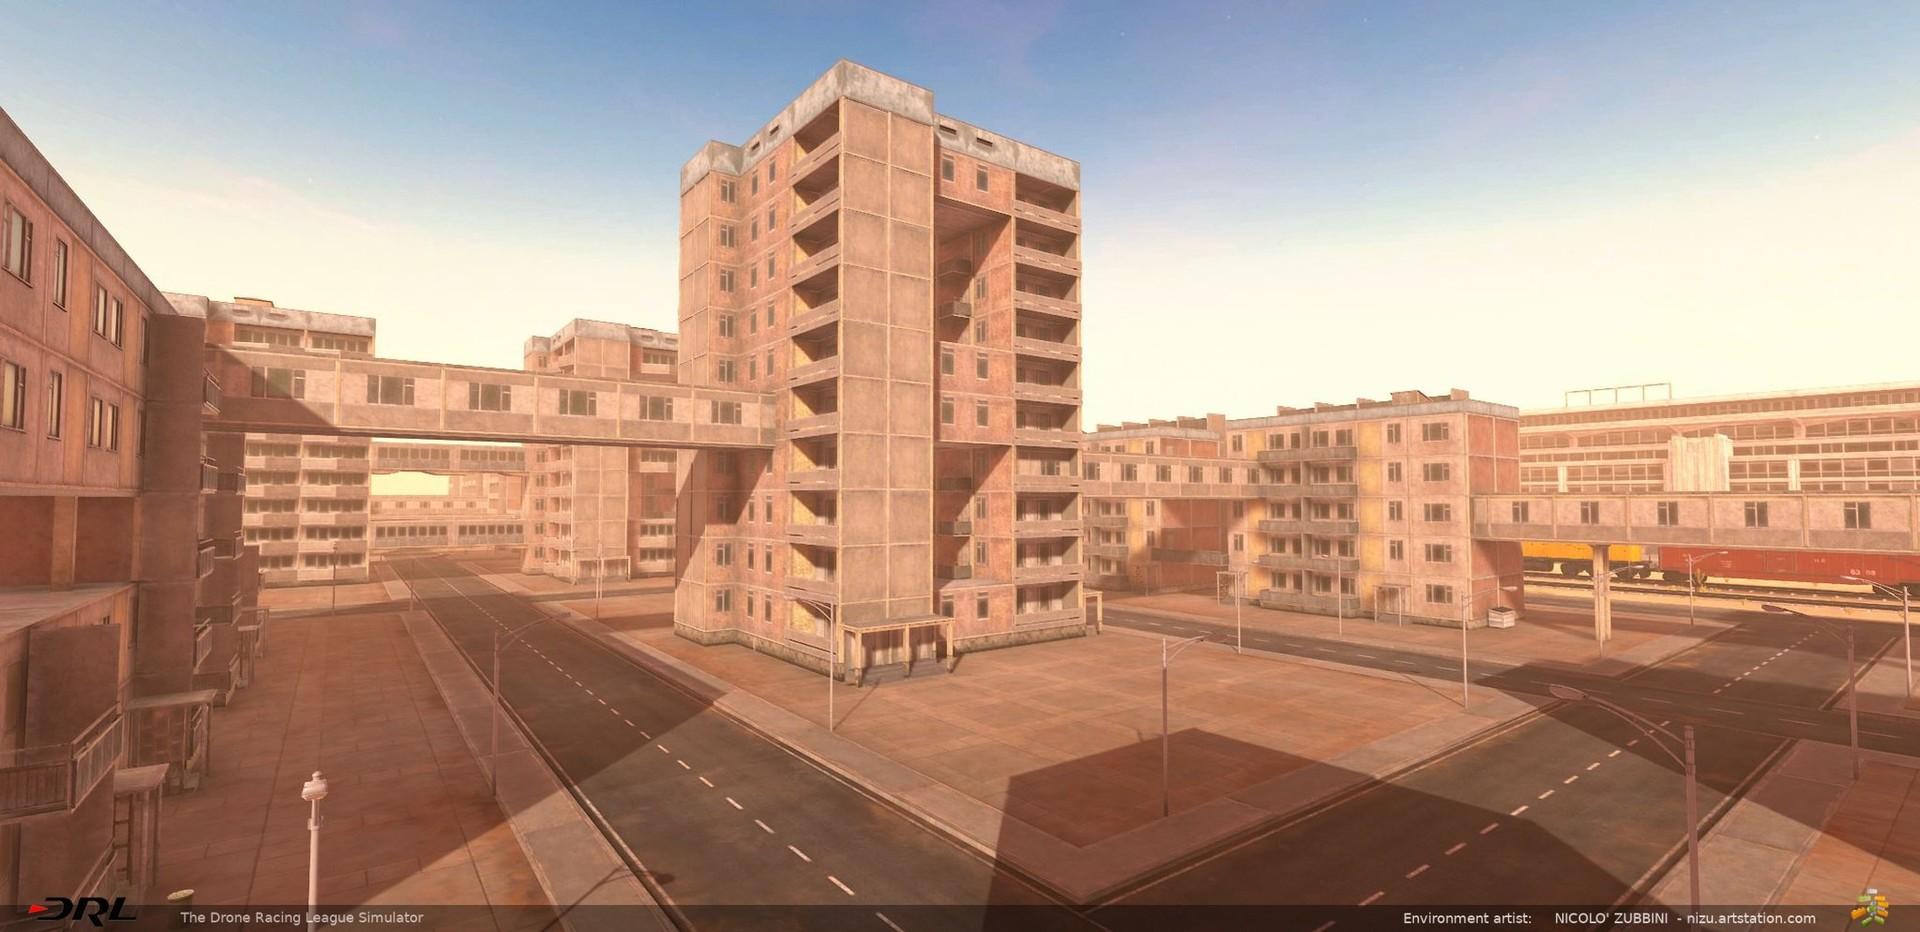 Nicolo zubbini oos apartments 1